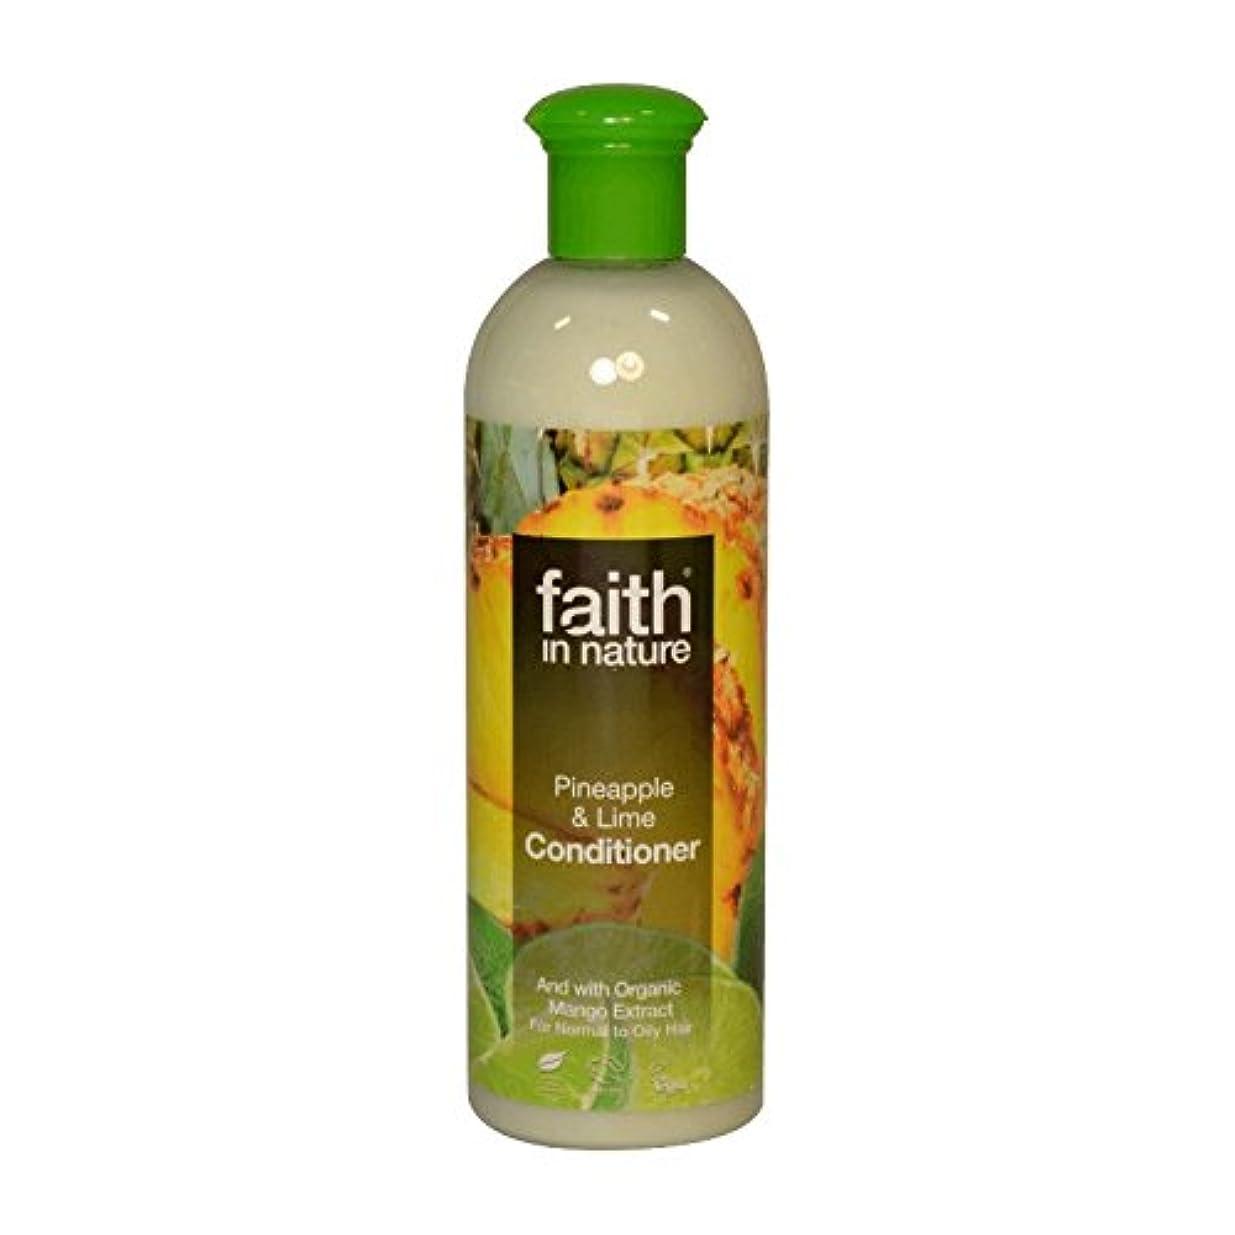 効果的決定的番目Faith in Nature Pineapple & Lime Conditioner 400ml (Pack of 2) - 自然パイナップル&ライムコンディショナー400ミリリットルの信仰 (x2) [並行輸入品]